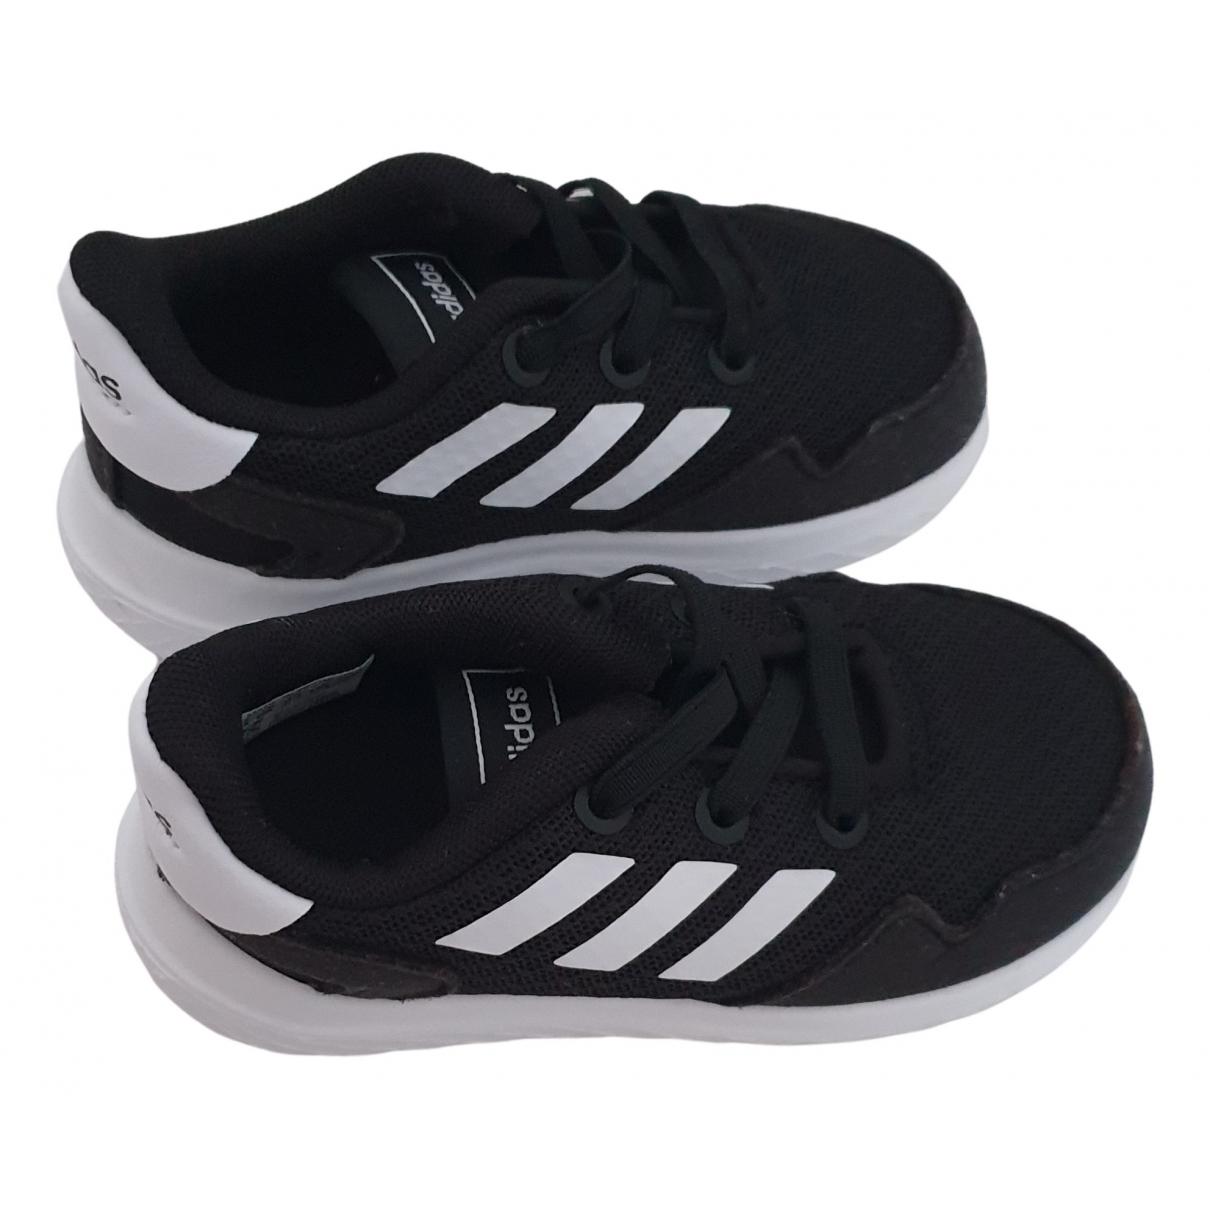 Adidas - Baskets   pour enfant - noir